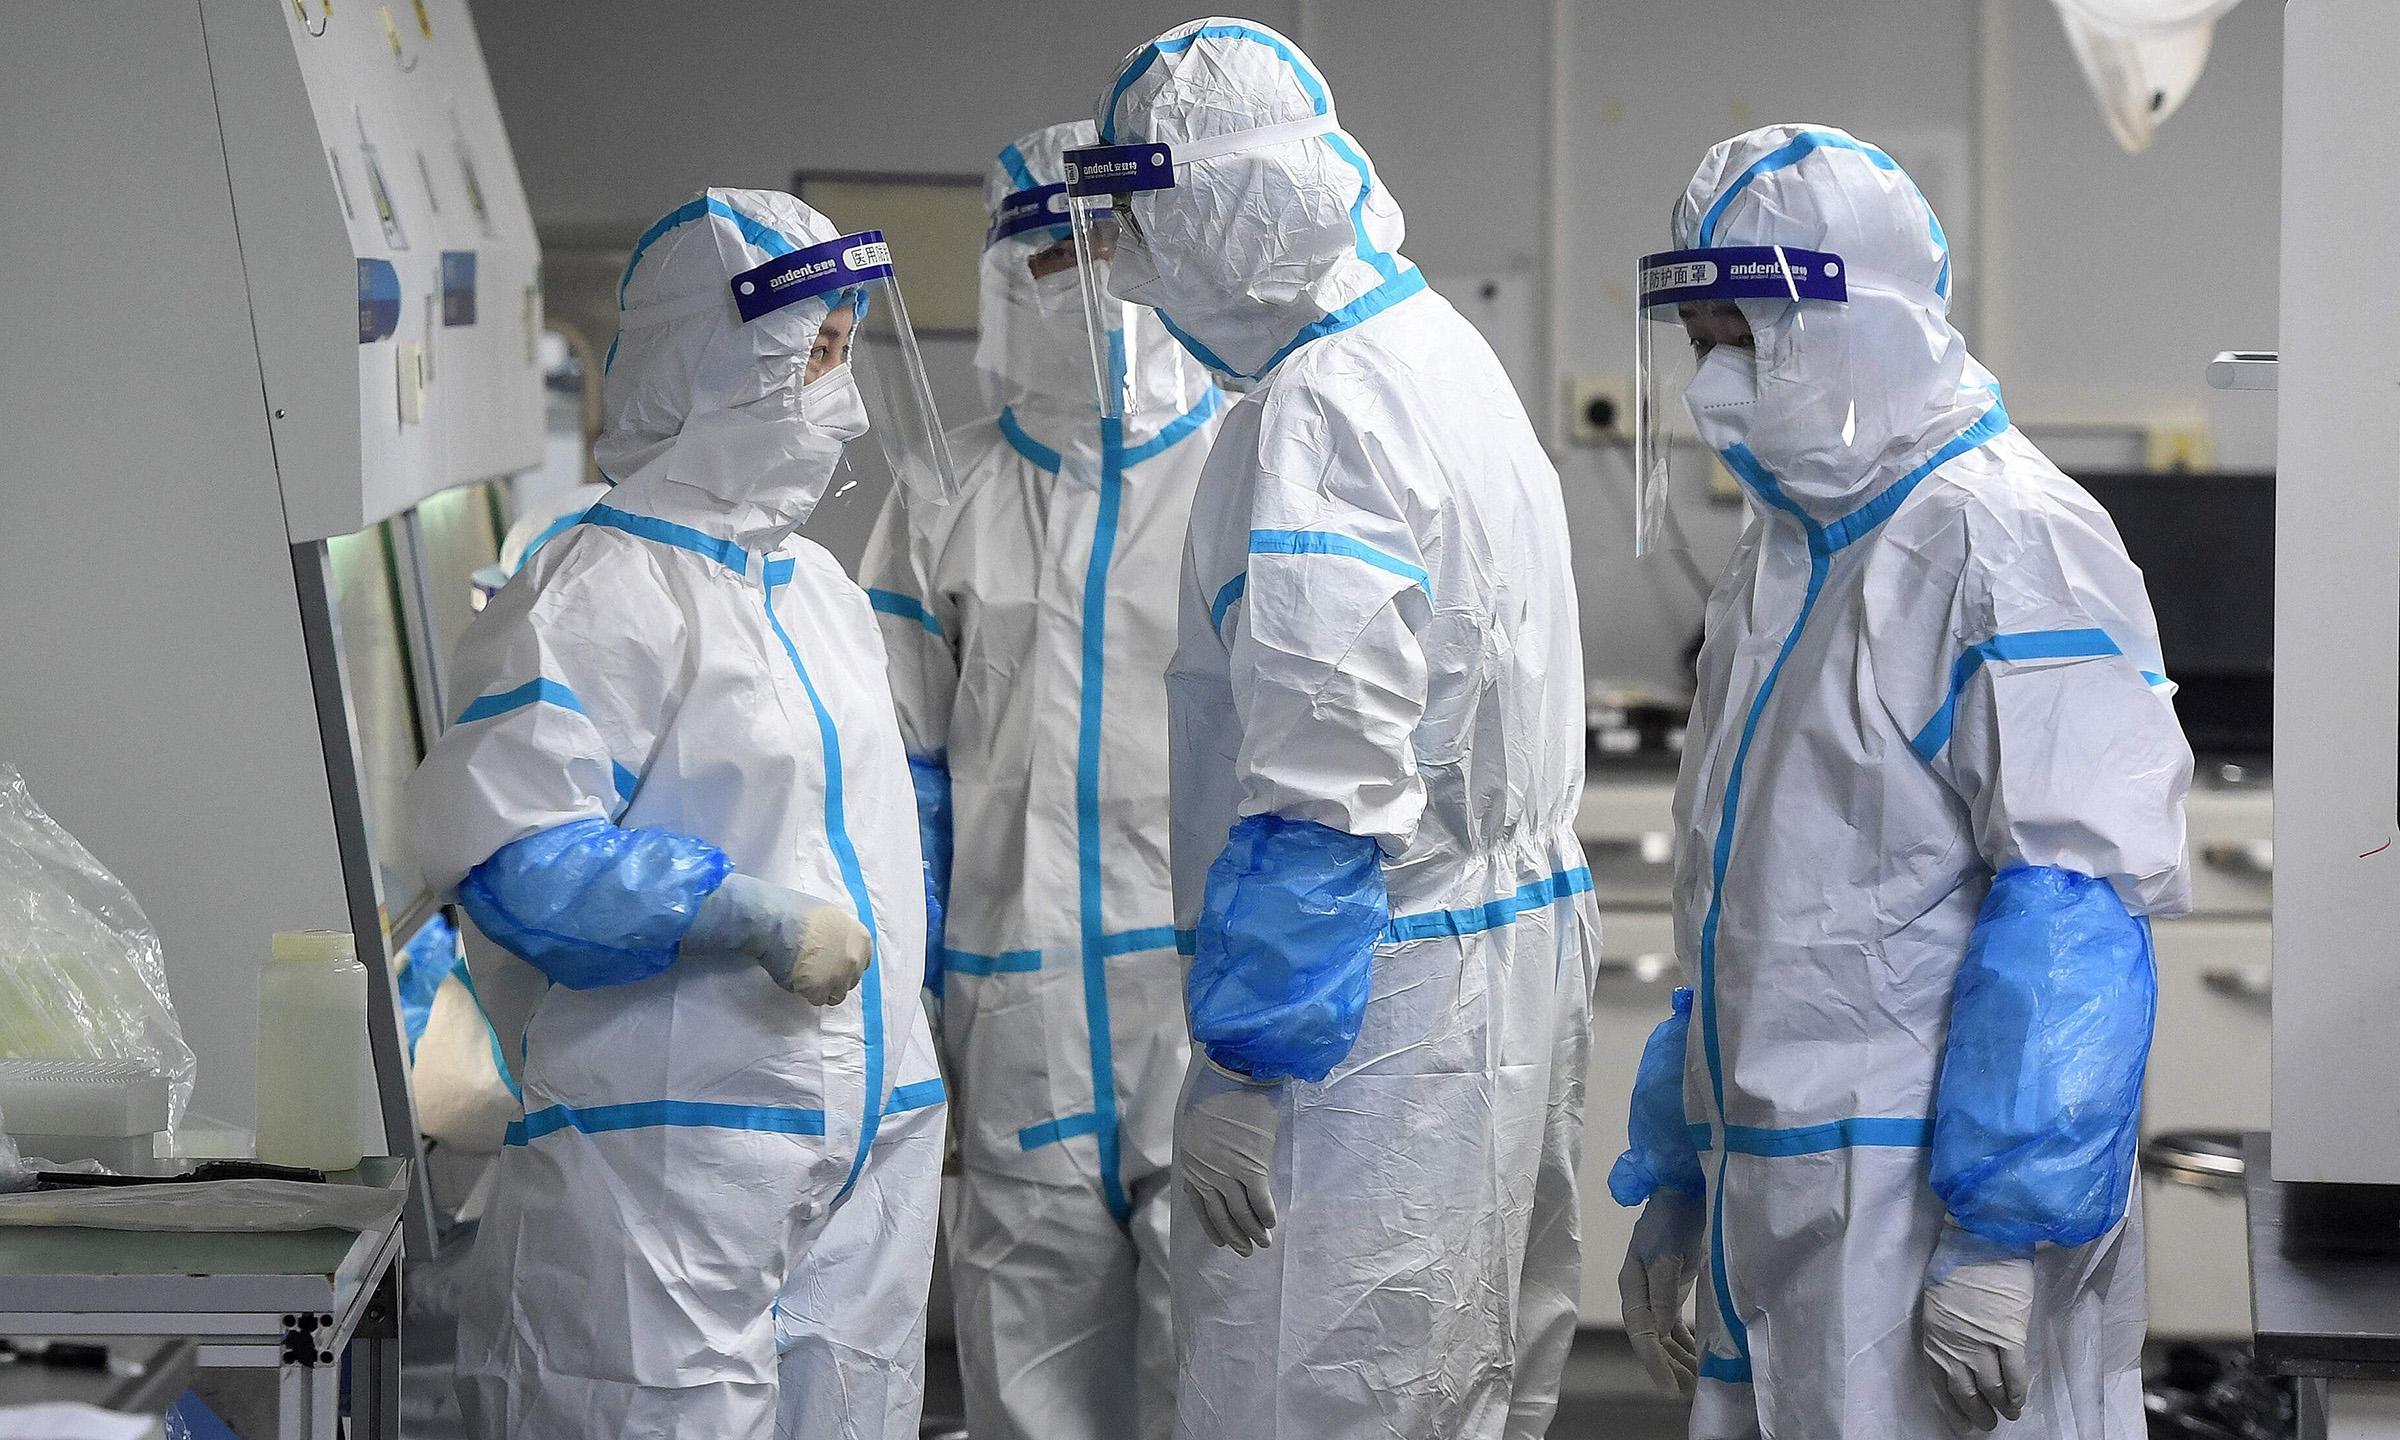 Các kỹ thuật viên phòng thí nghiệm tại một cơ sở xét nghiệm nCoV ở Vũ Hán, tỉnh Hồ Bắc, Trung Quốc, hôm 4/8. Ảnh: AFP